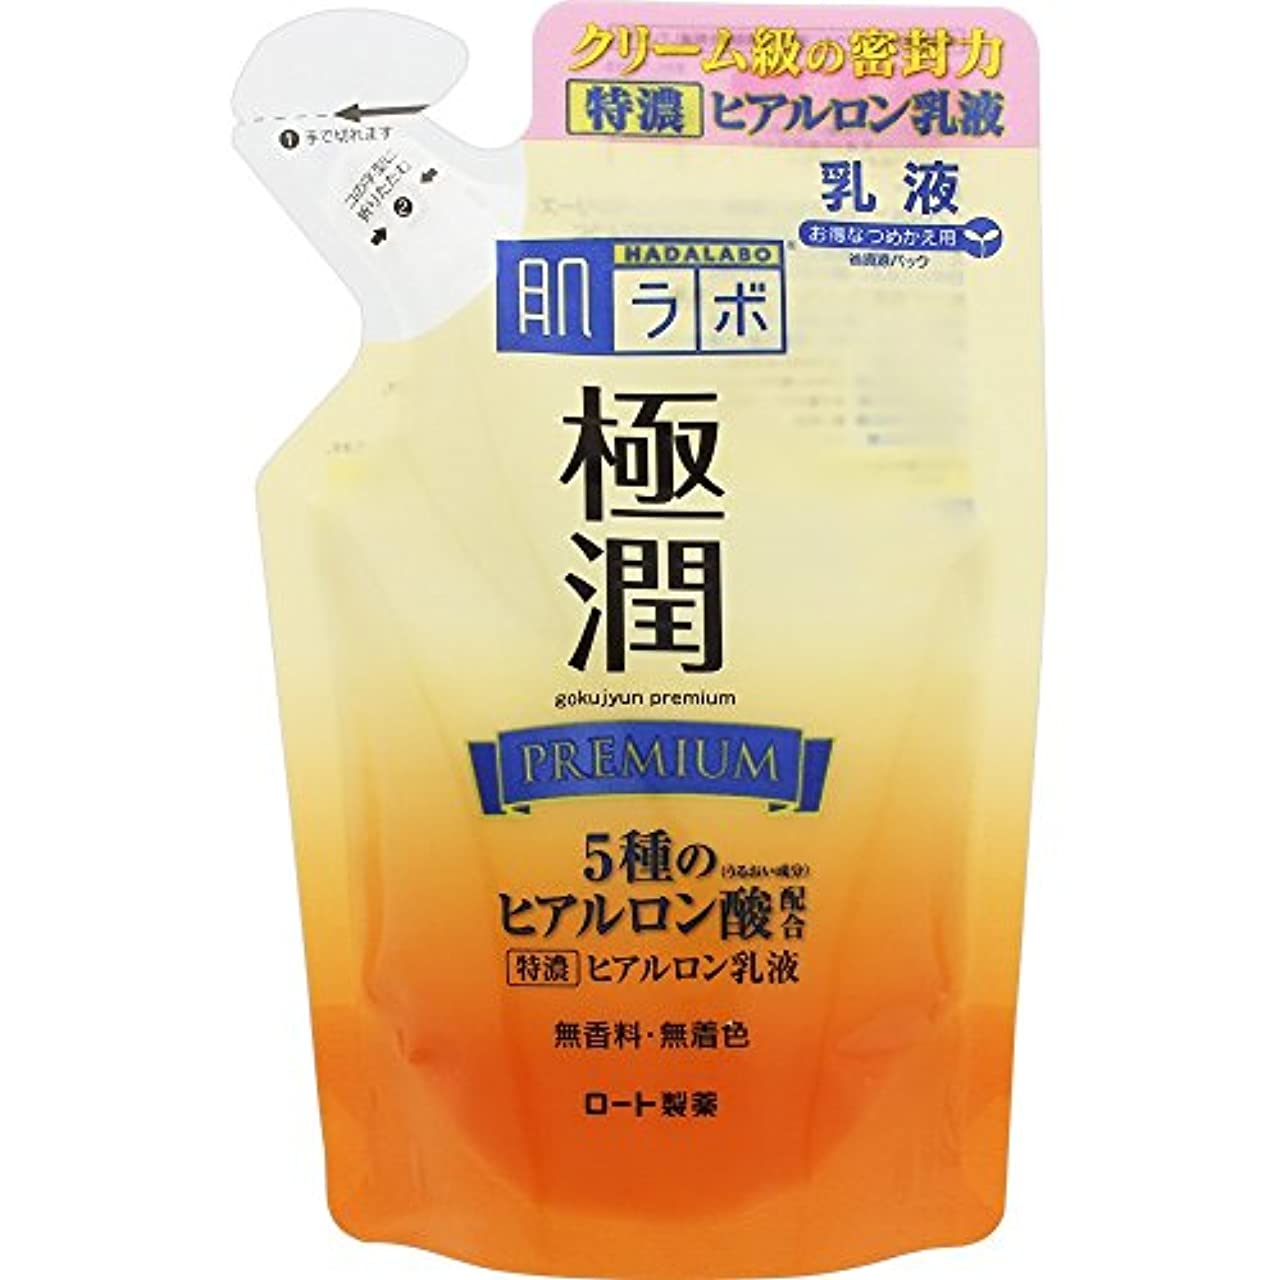 袋ささやき脊椎肌ラボ 極潤プレミアム 特濃ヒアルロン乳液 ヒアルロン酸5種類×サクラン配合 詰替用 140ml